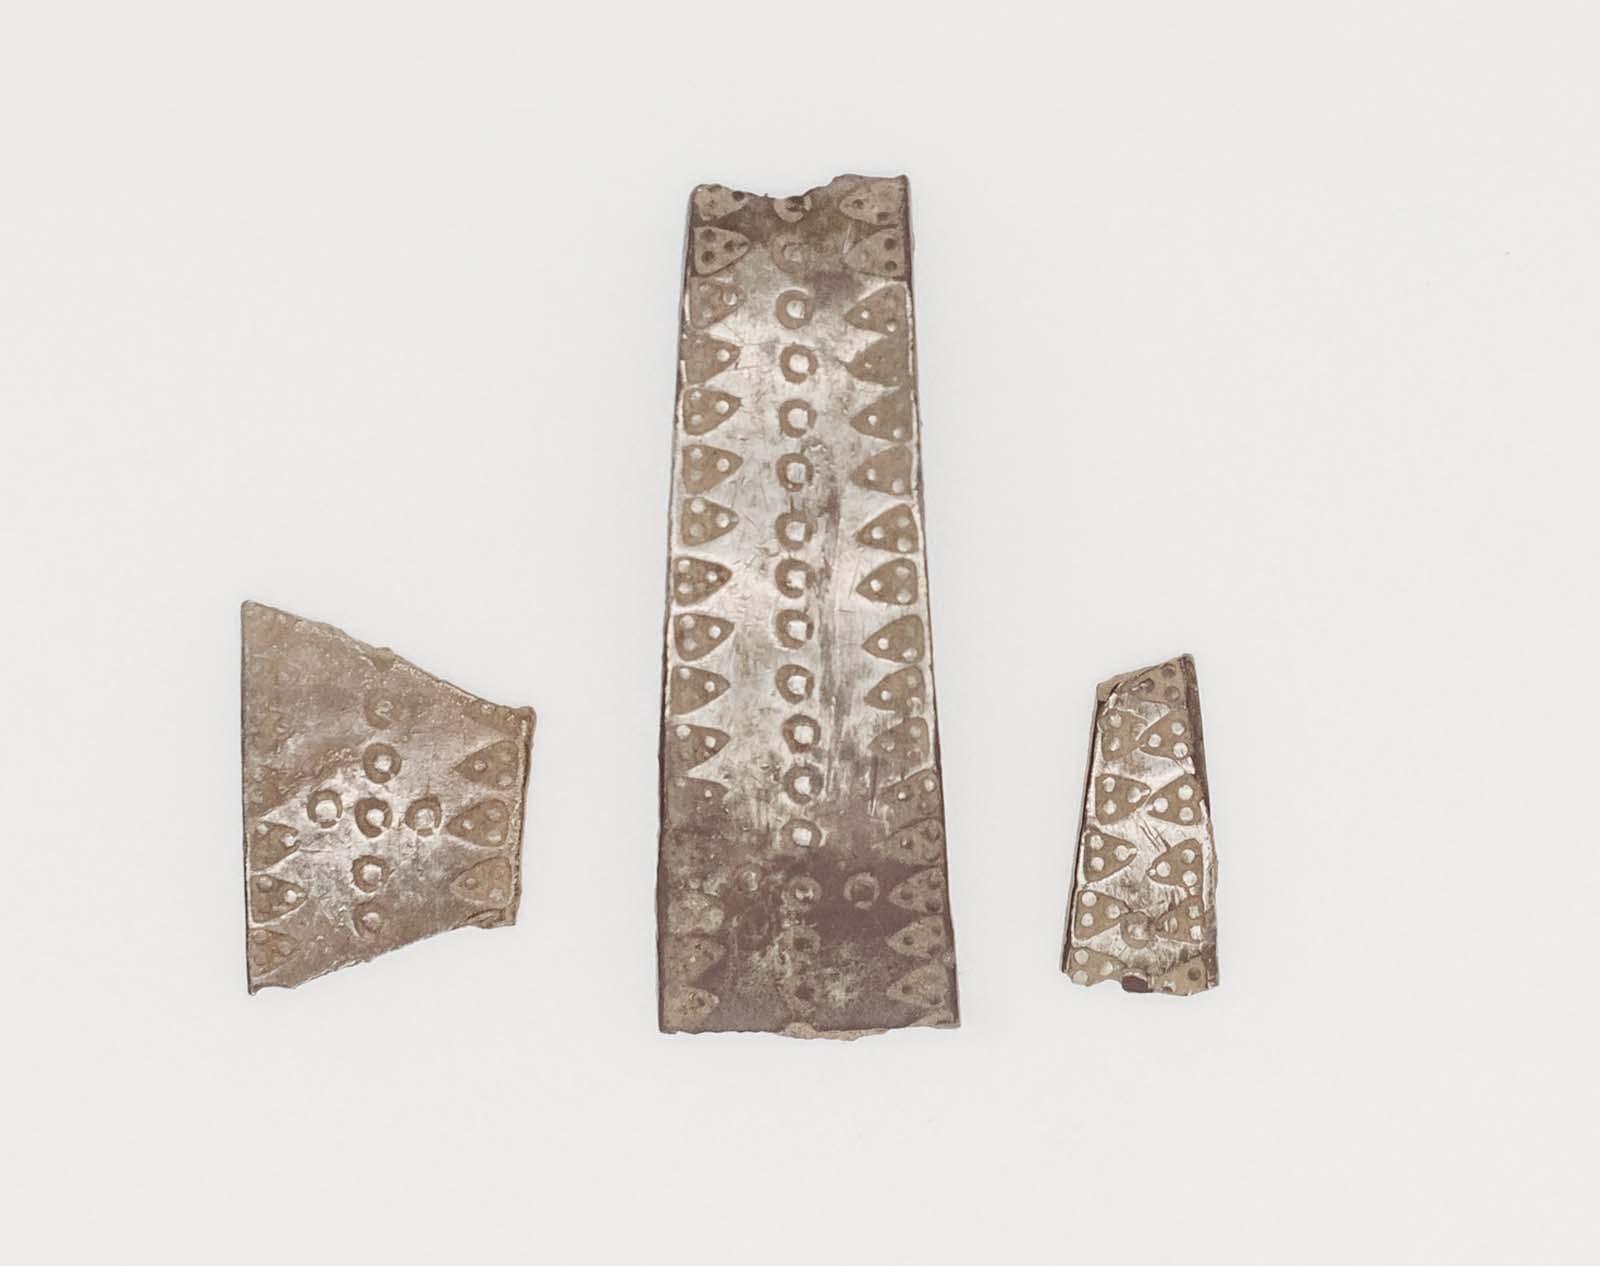 cut silver fragments